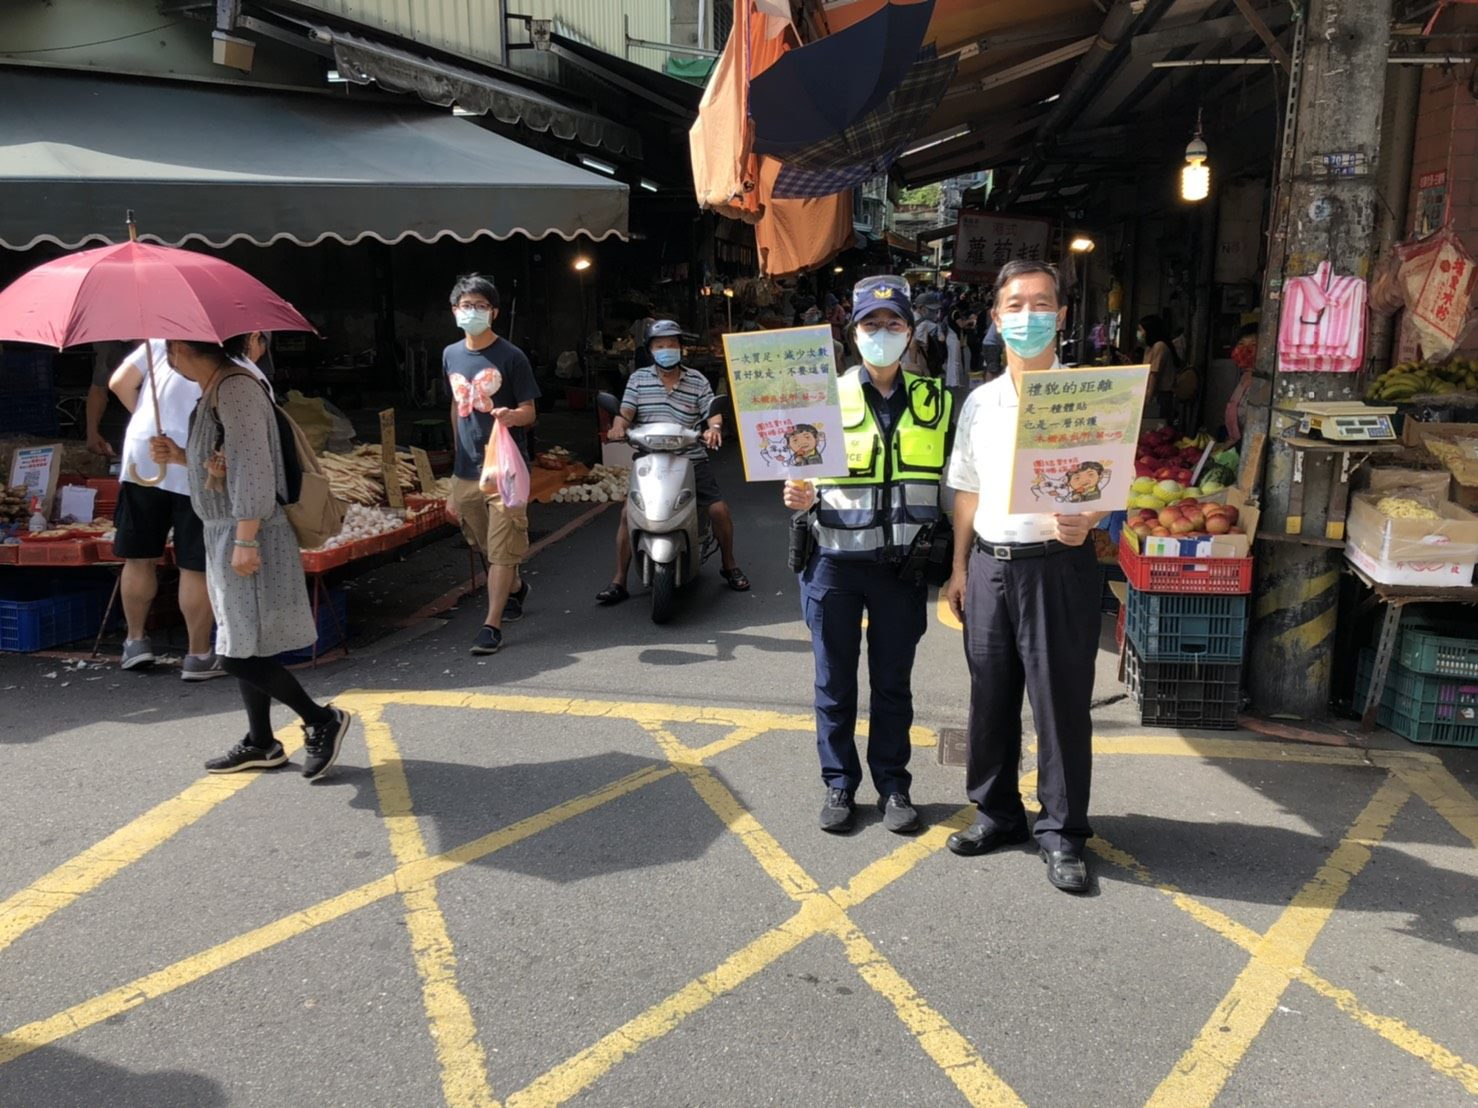 警察向民眾宣導照片